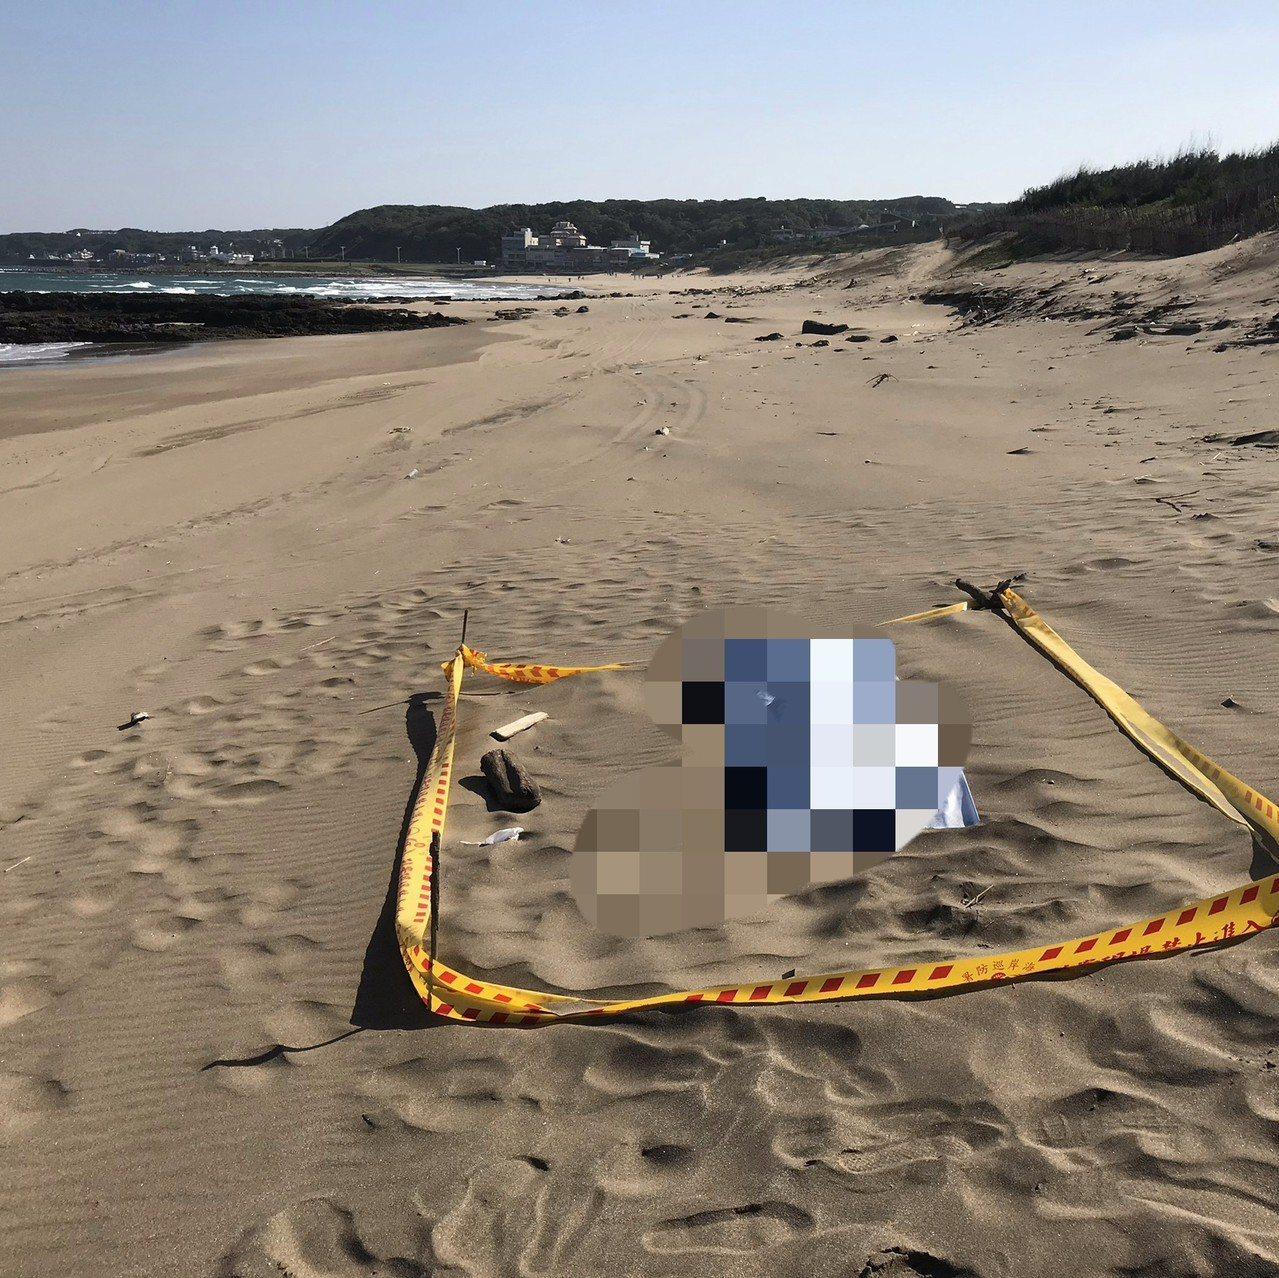 麟山鼻風景區步道盡頭沙灘處發現—女屍。記者游明煌/翻攝